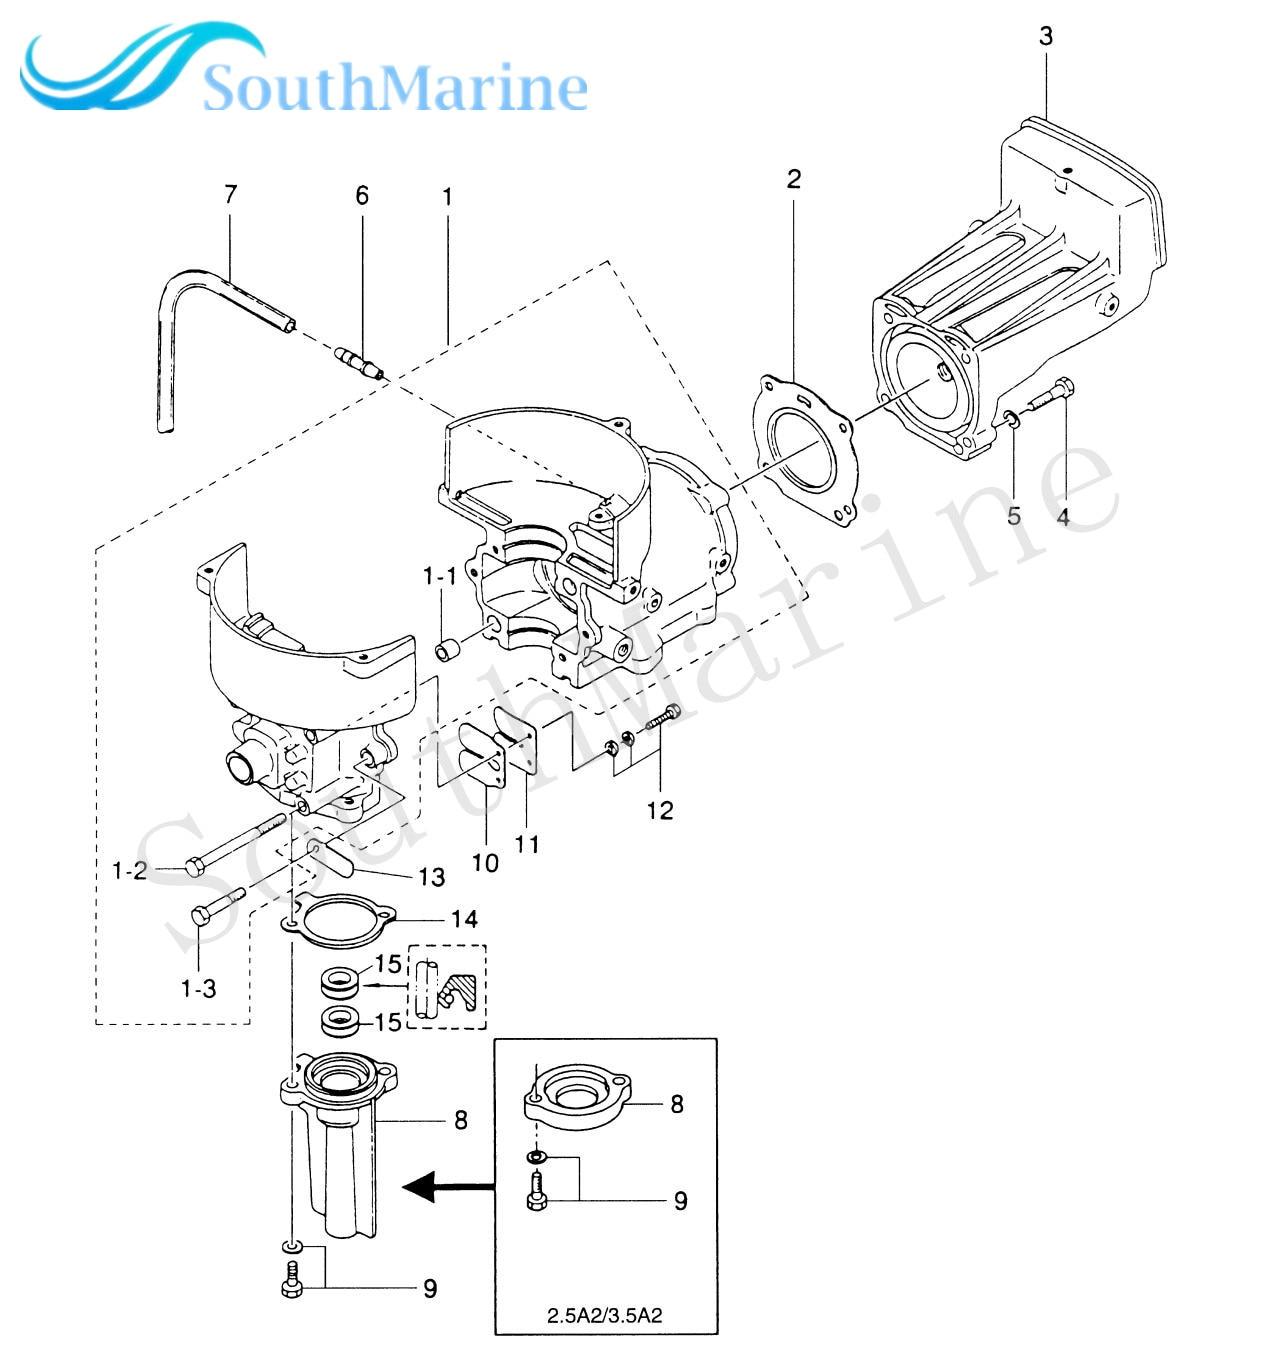 Tohatsu Wiring Diagram | Wiring Diagram on